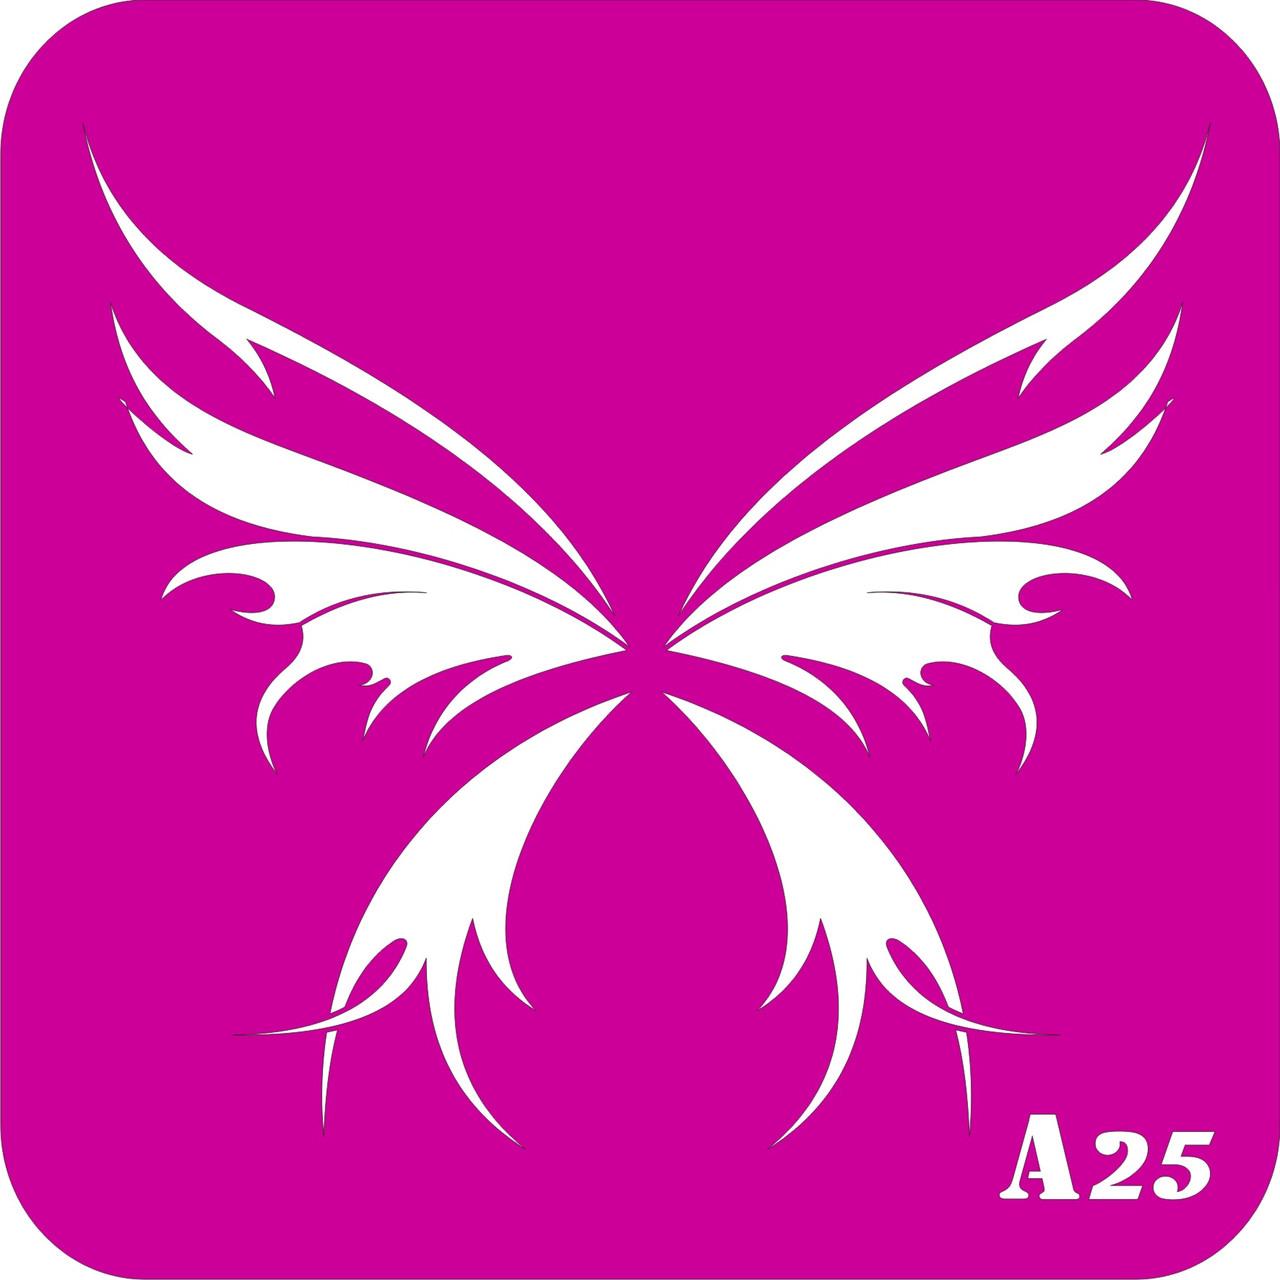 № А25 - трафарет для био тату хной и глиттером от Boni Kasel 15*15 см